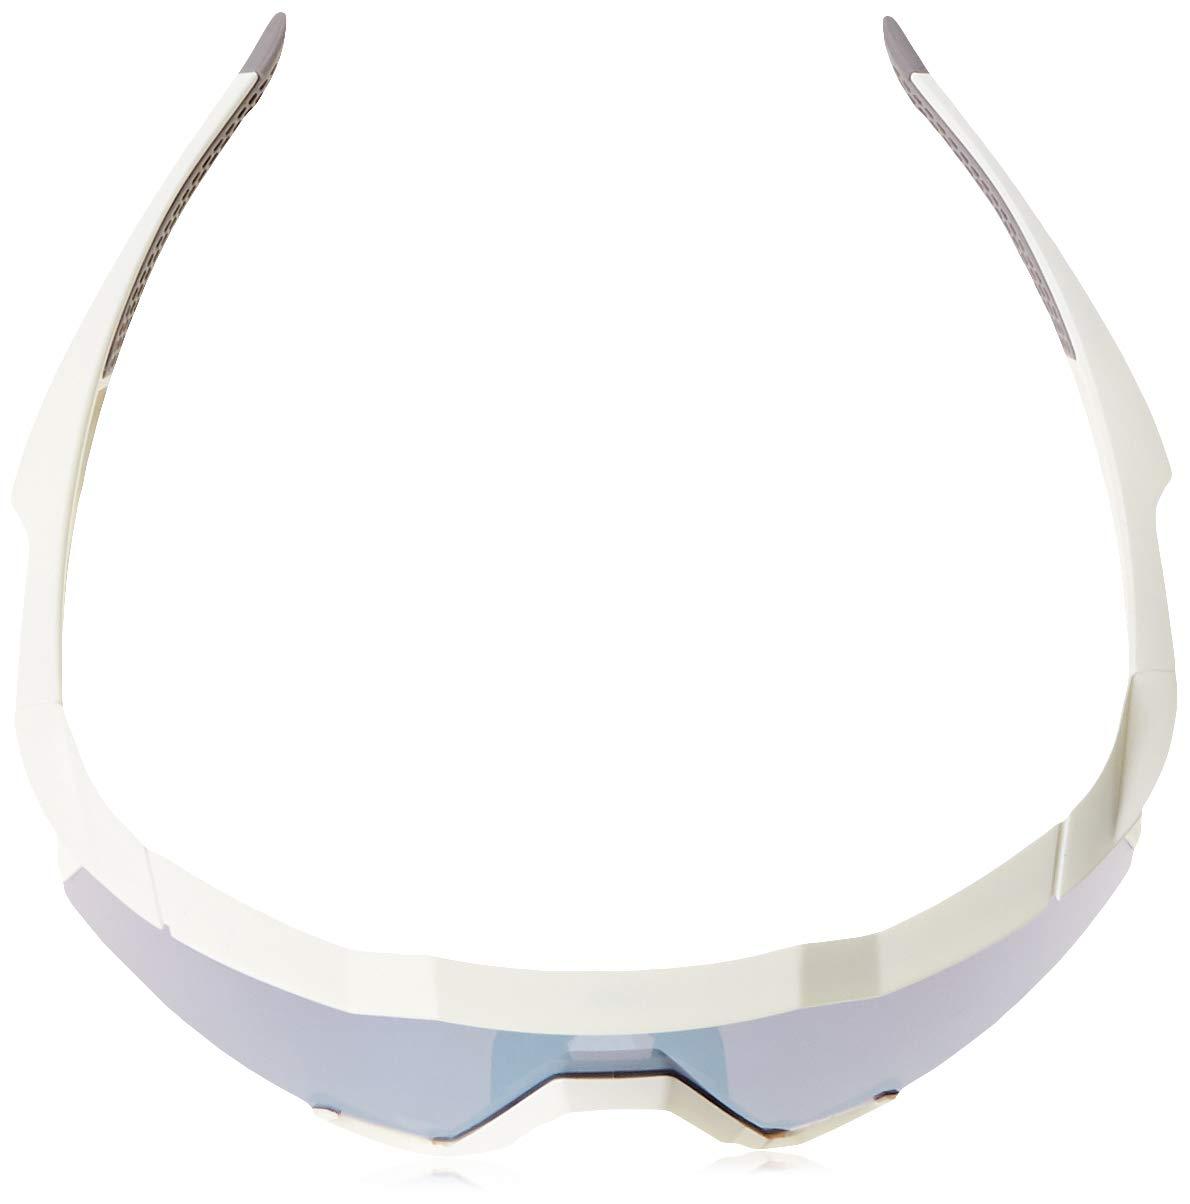 100% Unisex-Adult Speedlab (61001-000-75) Speedcraft-Matte White-HiPER Blue Multilayer Mirror Lens, Free Size) by 100% (Image #4)